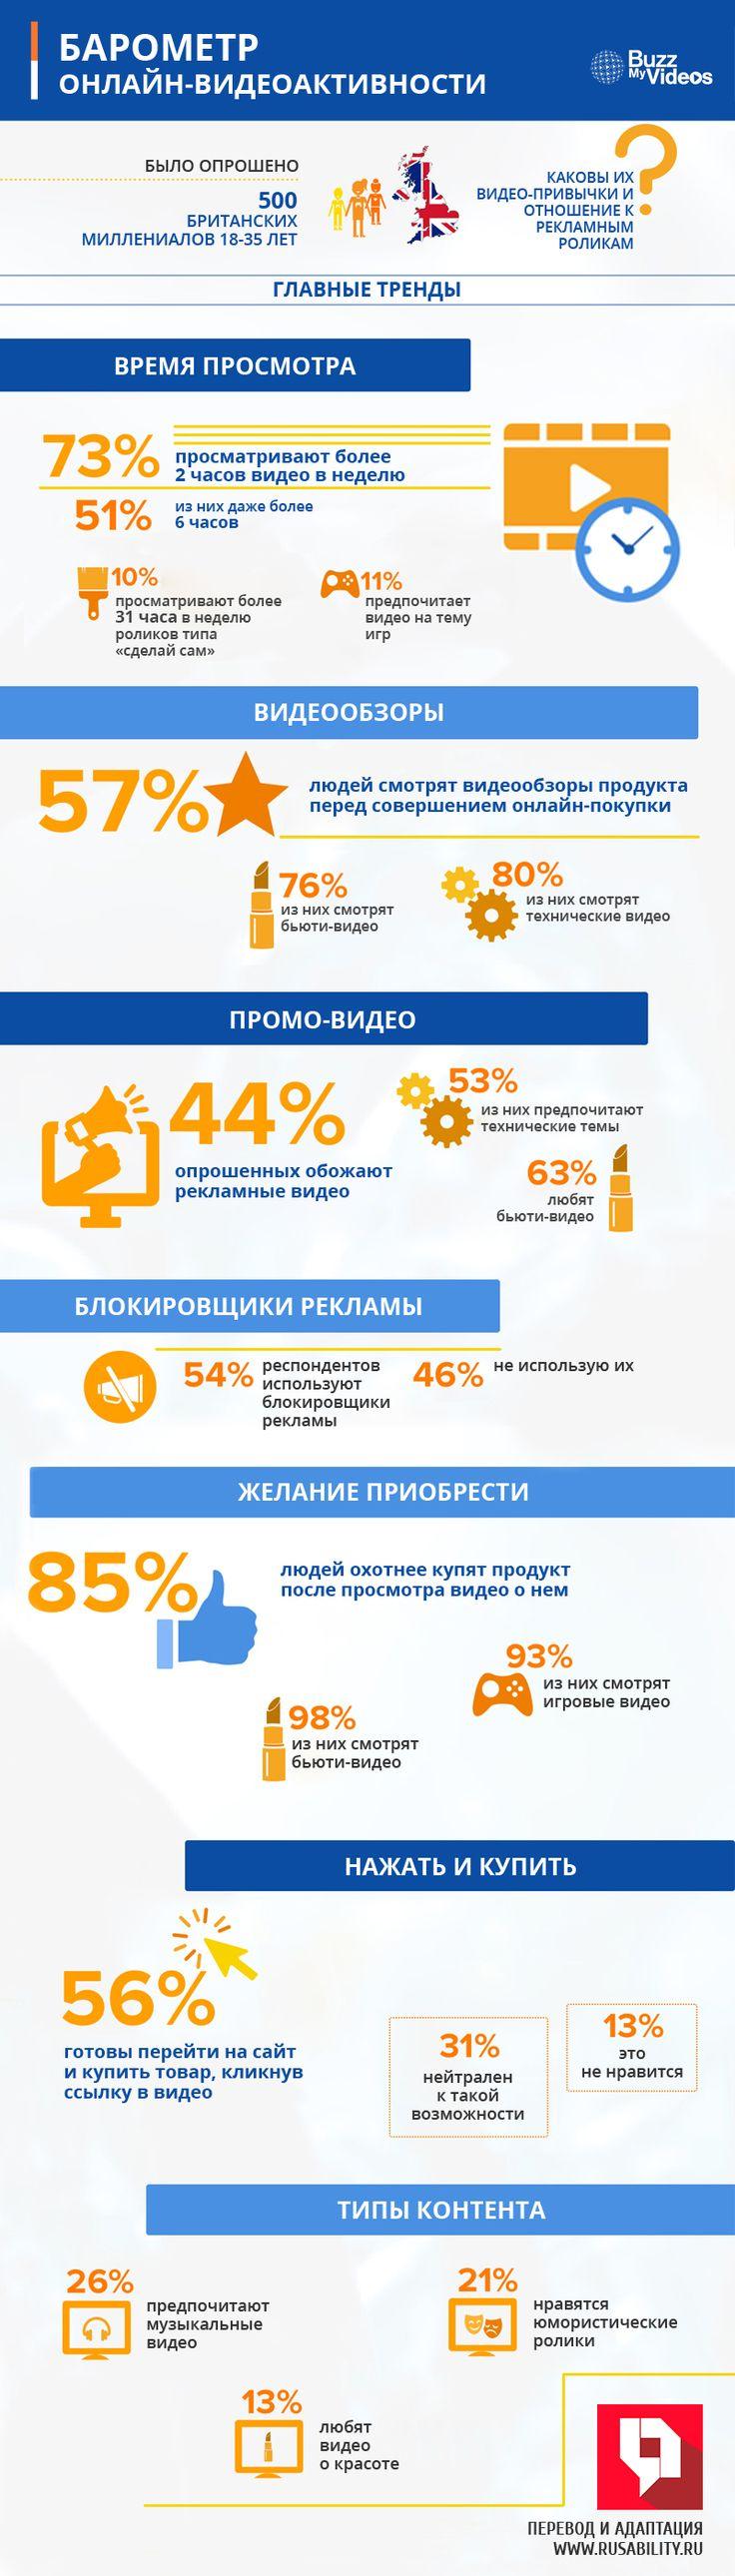 Видео, маркетинг, видеоролики, реклама, миллениалы, инфографика, digital